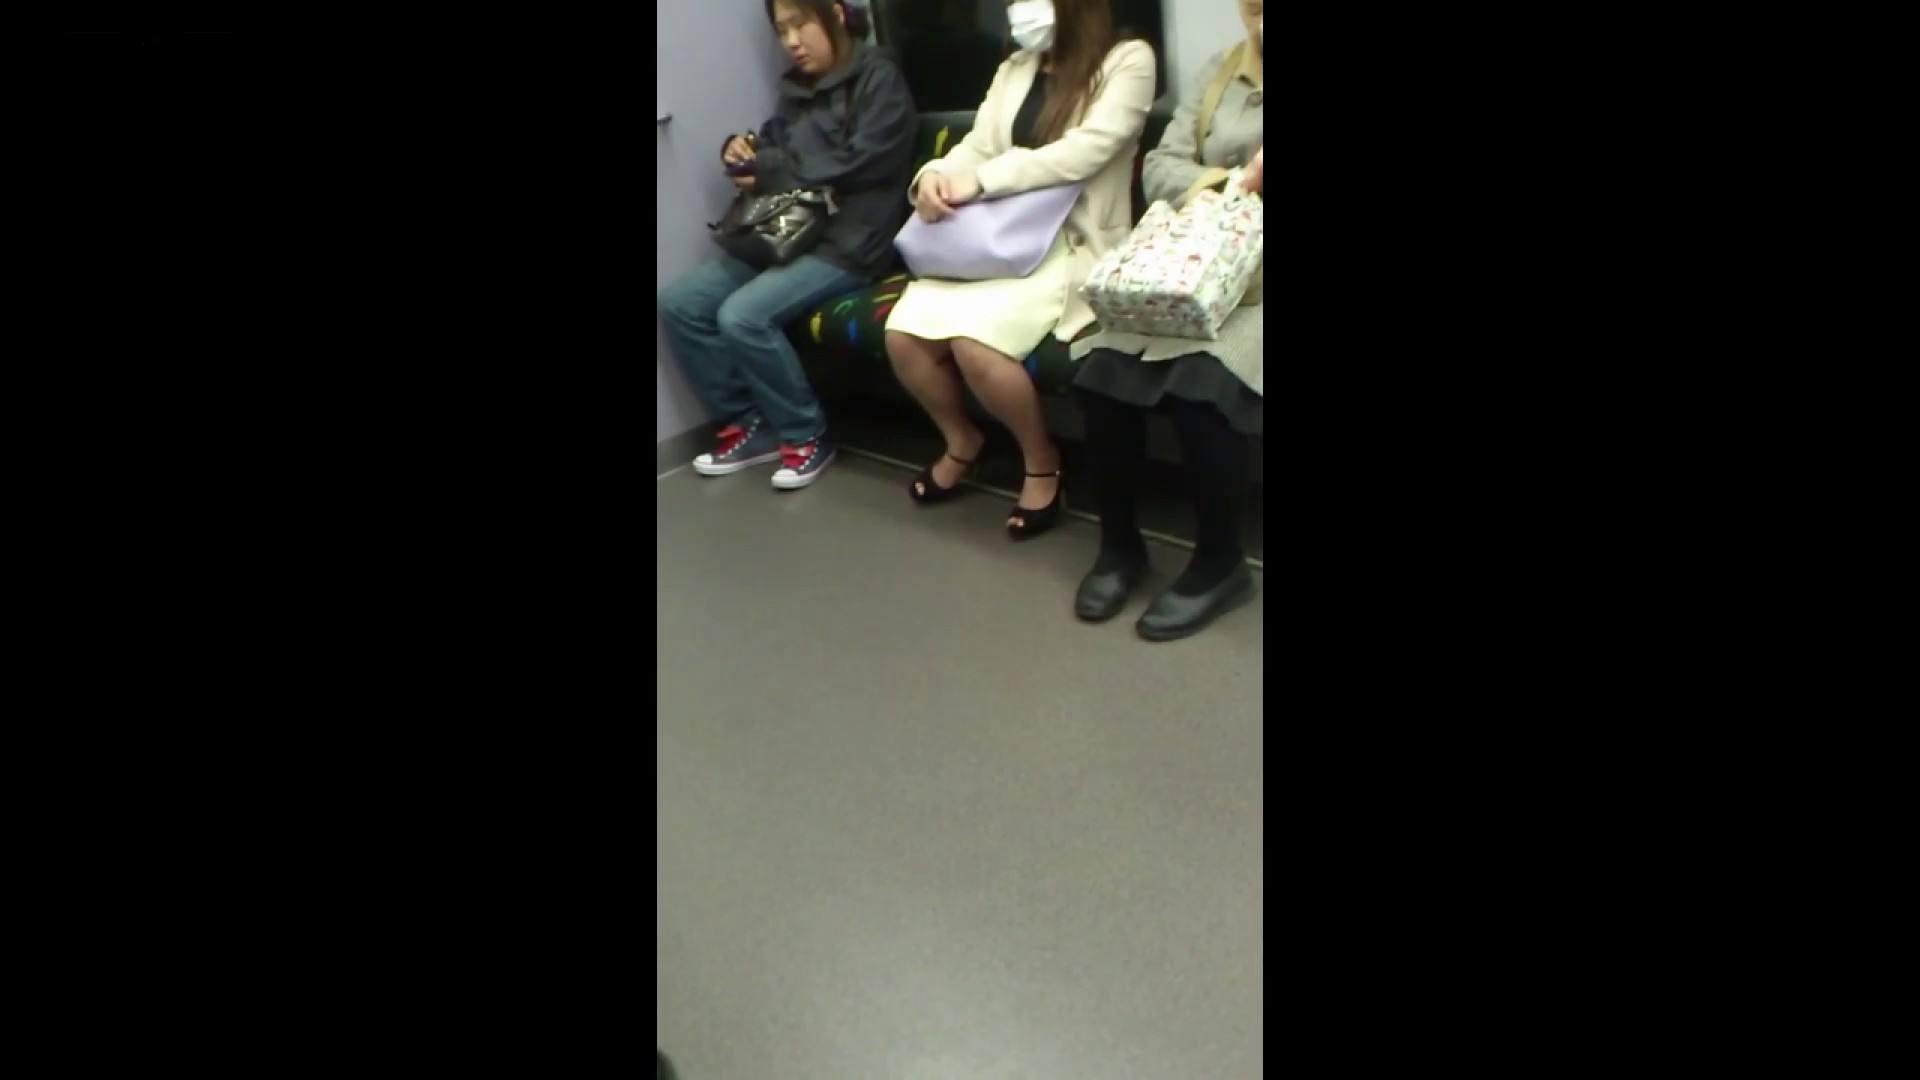 盗撮列車 Vol.55 黄色の爽やかなスカートが大好きです。 盗撮エロすぎ | OL  38連発 23